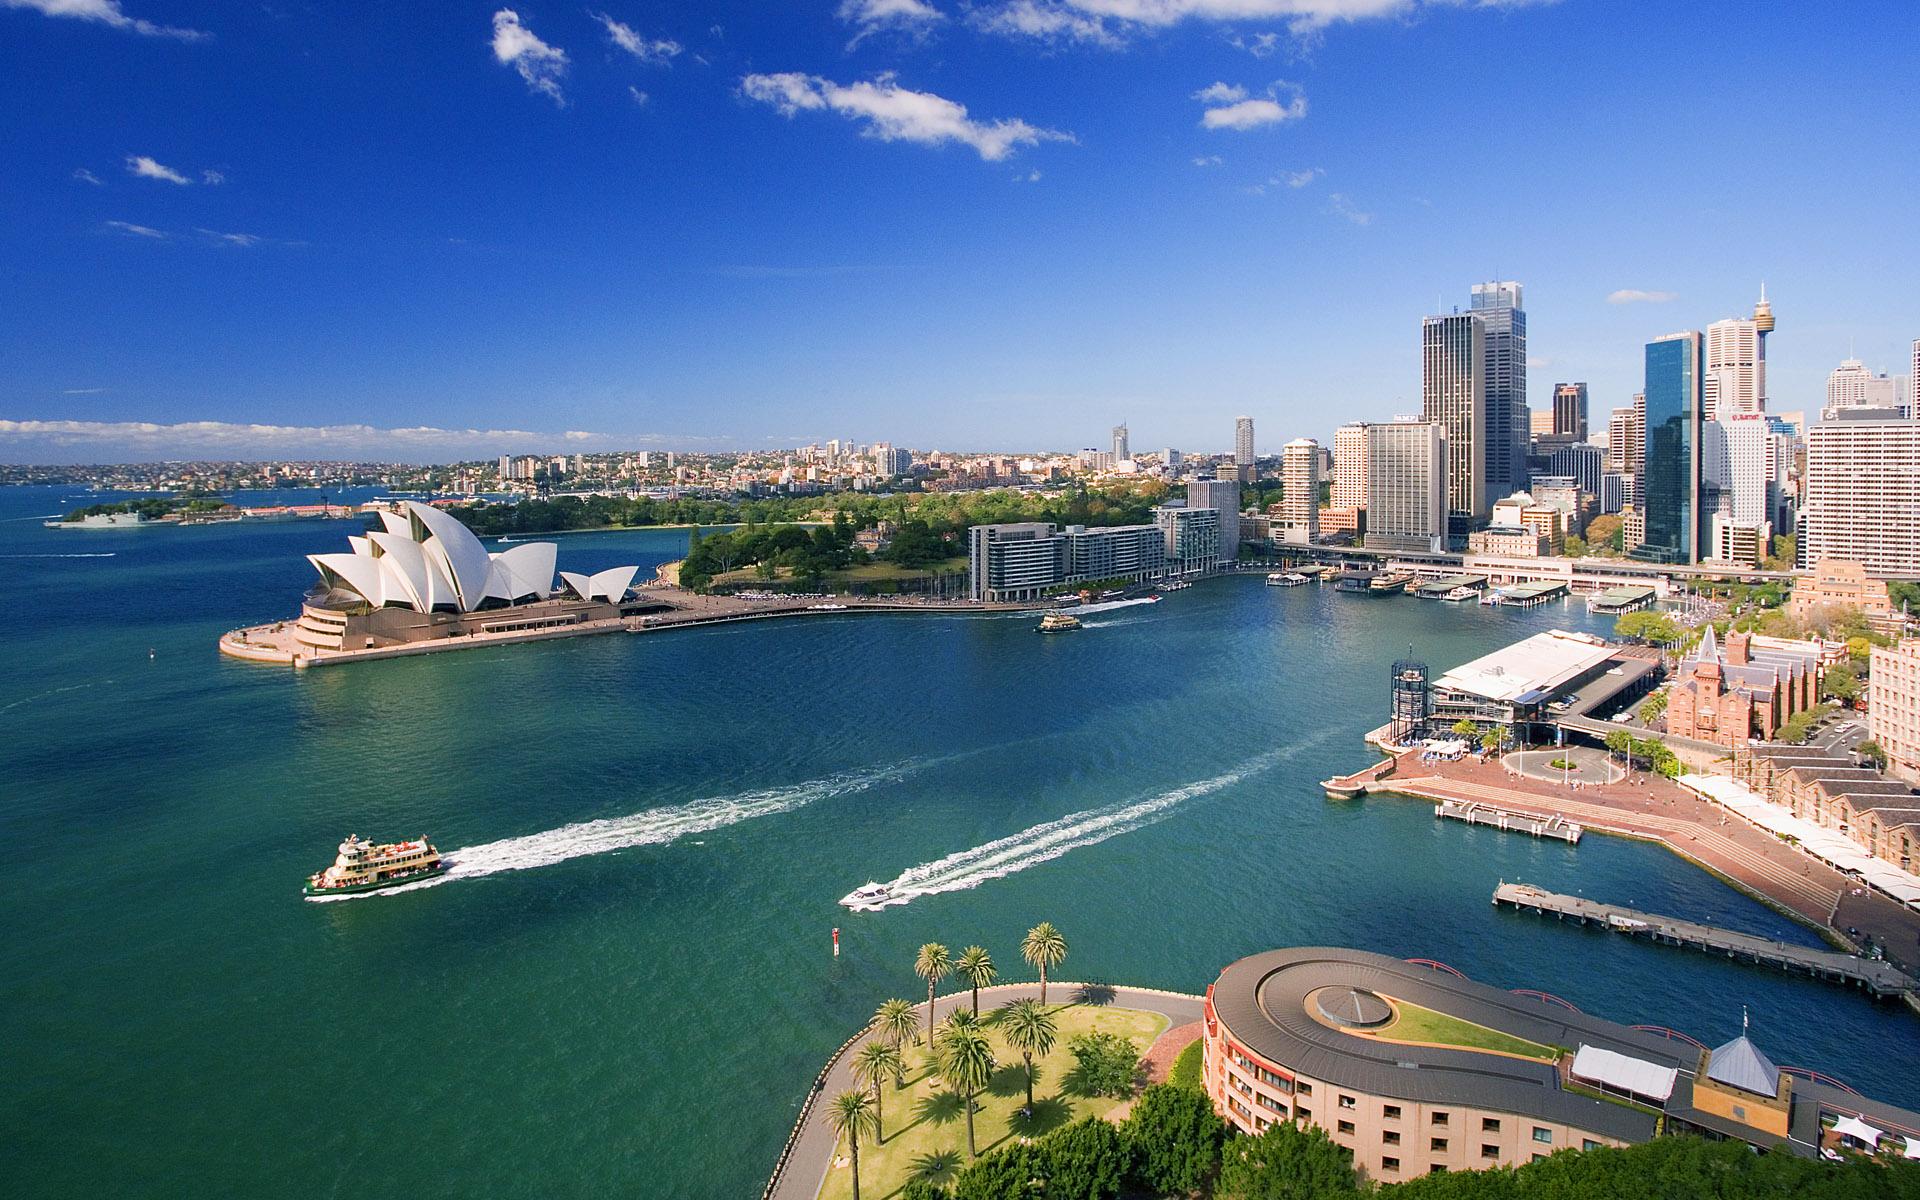 Nền kinh tế Úc là một nền kinh tế bậc nhất thế giới